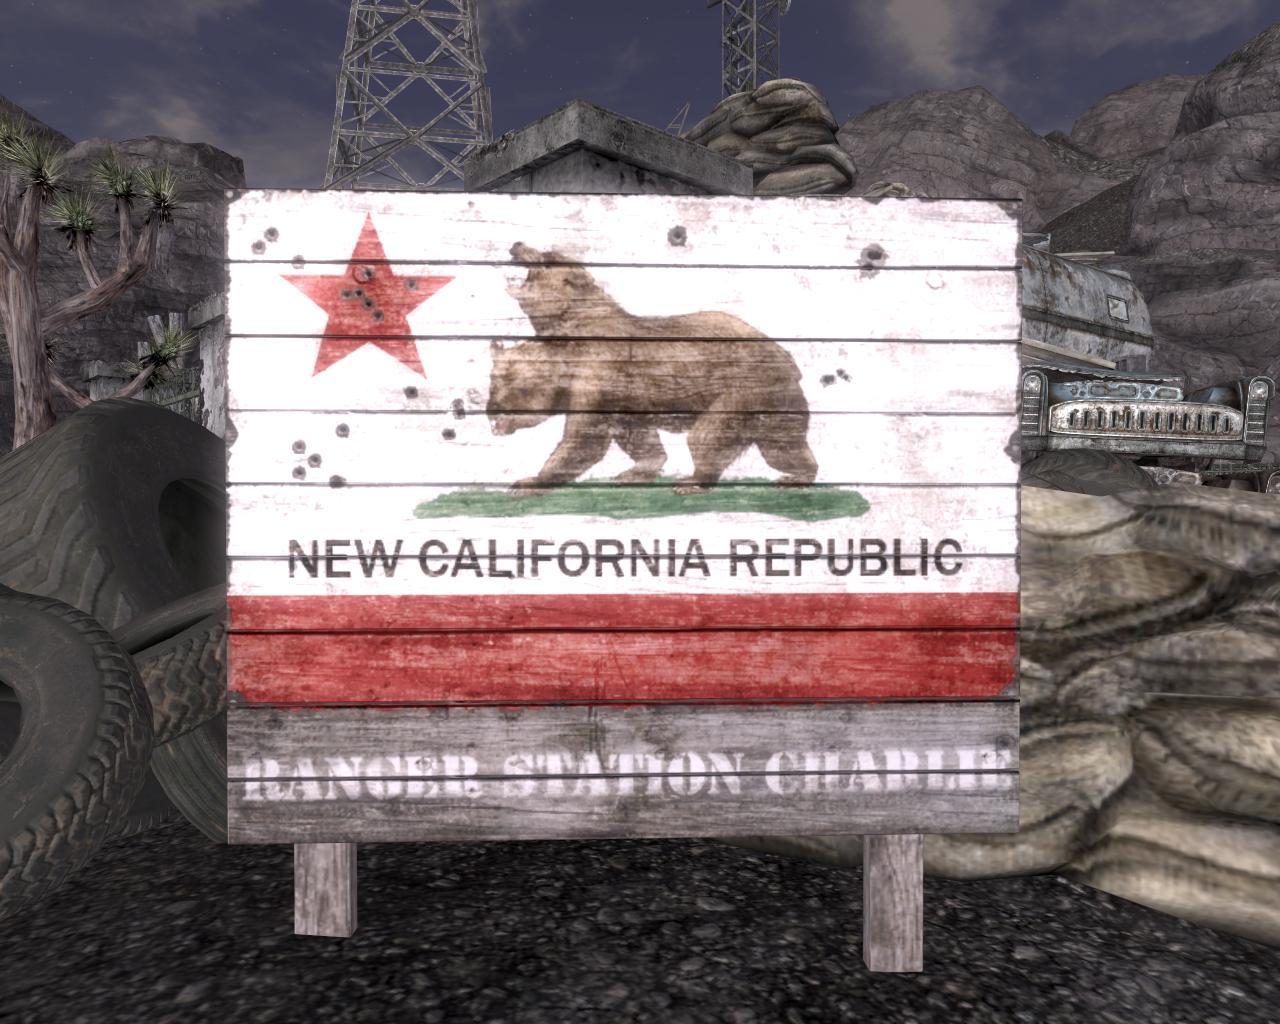 Fallout New Vegas Ranger Station Charlie.jpg